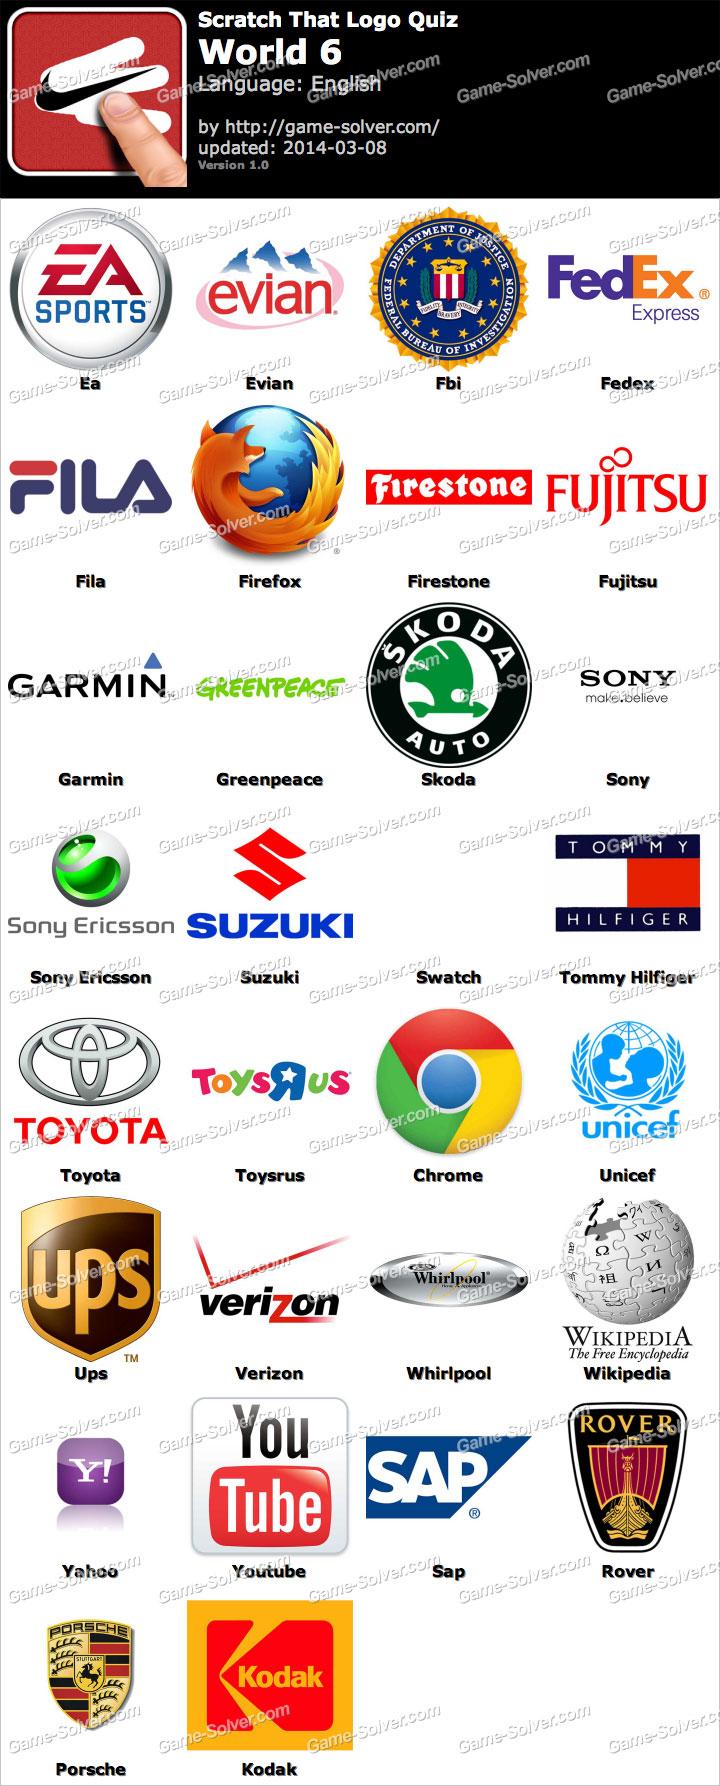 scratch that logo quiz world 6